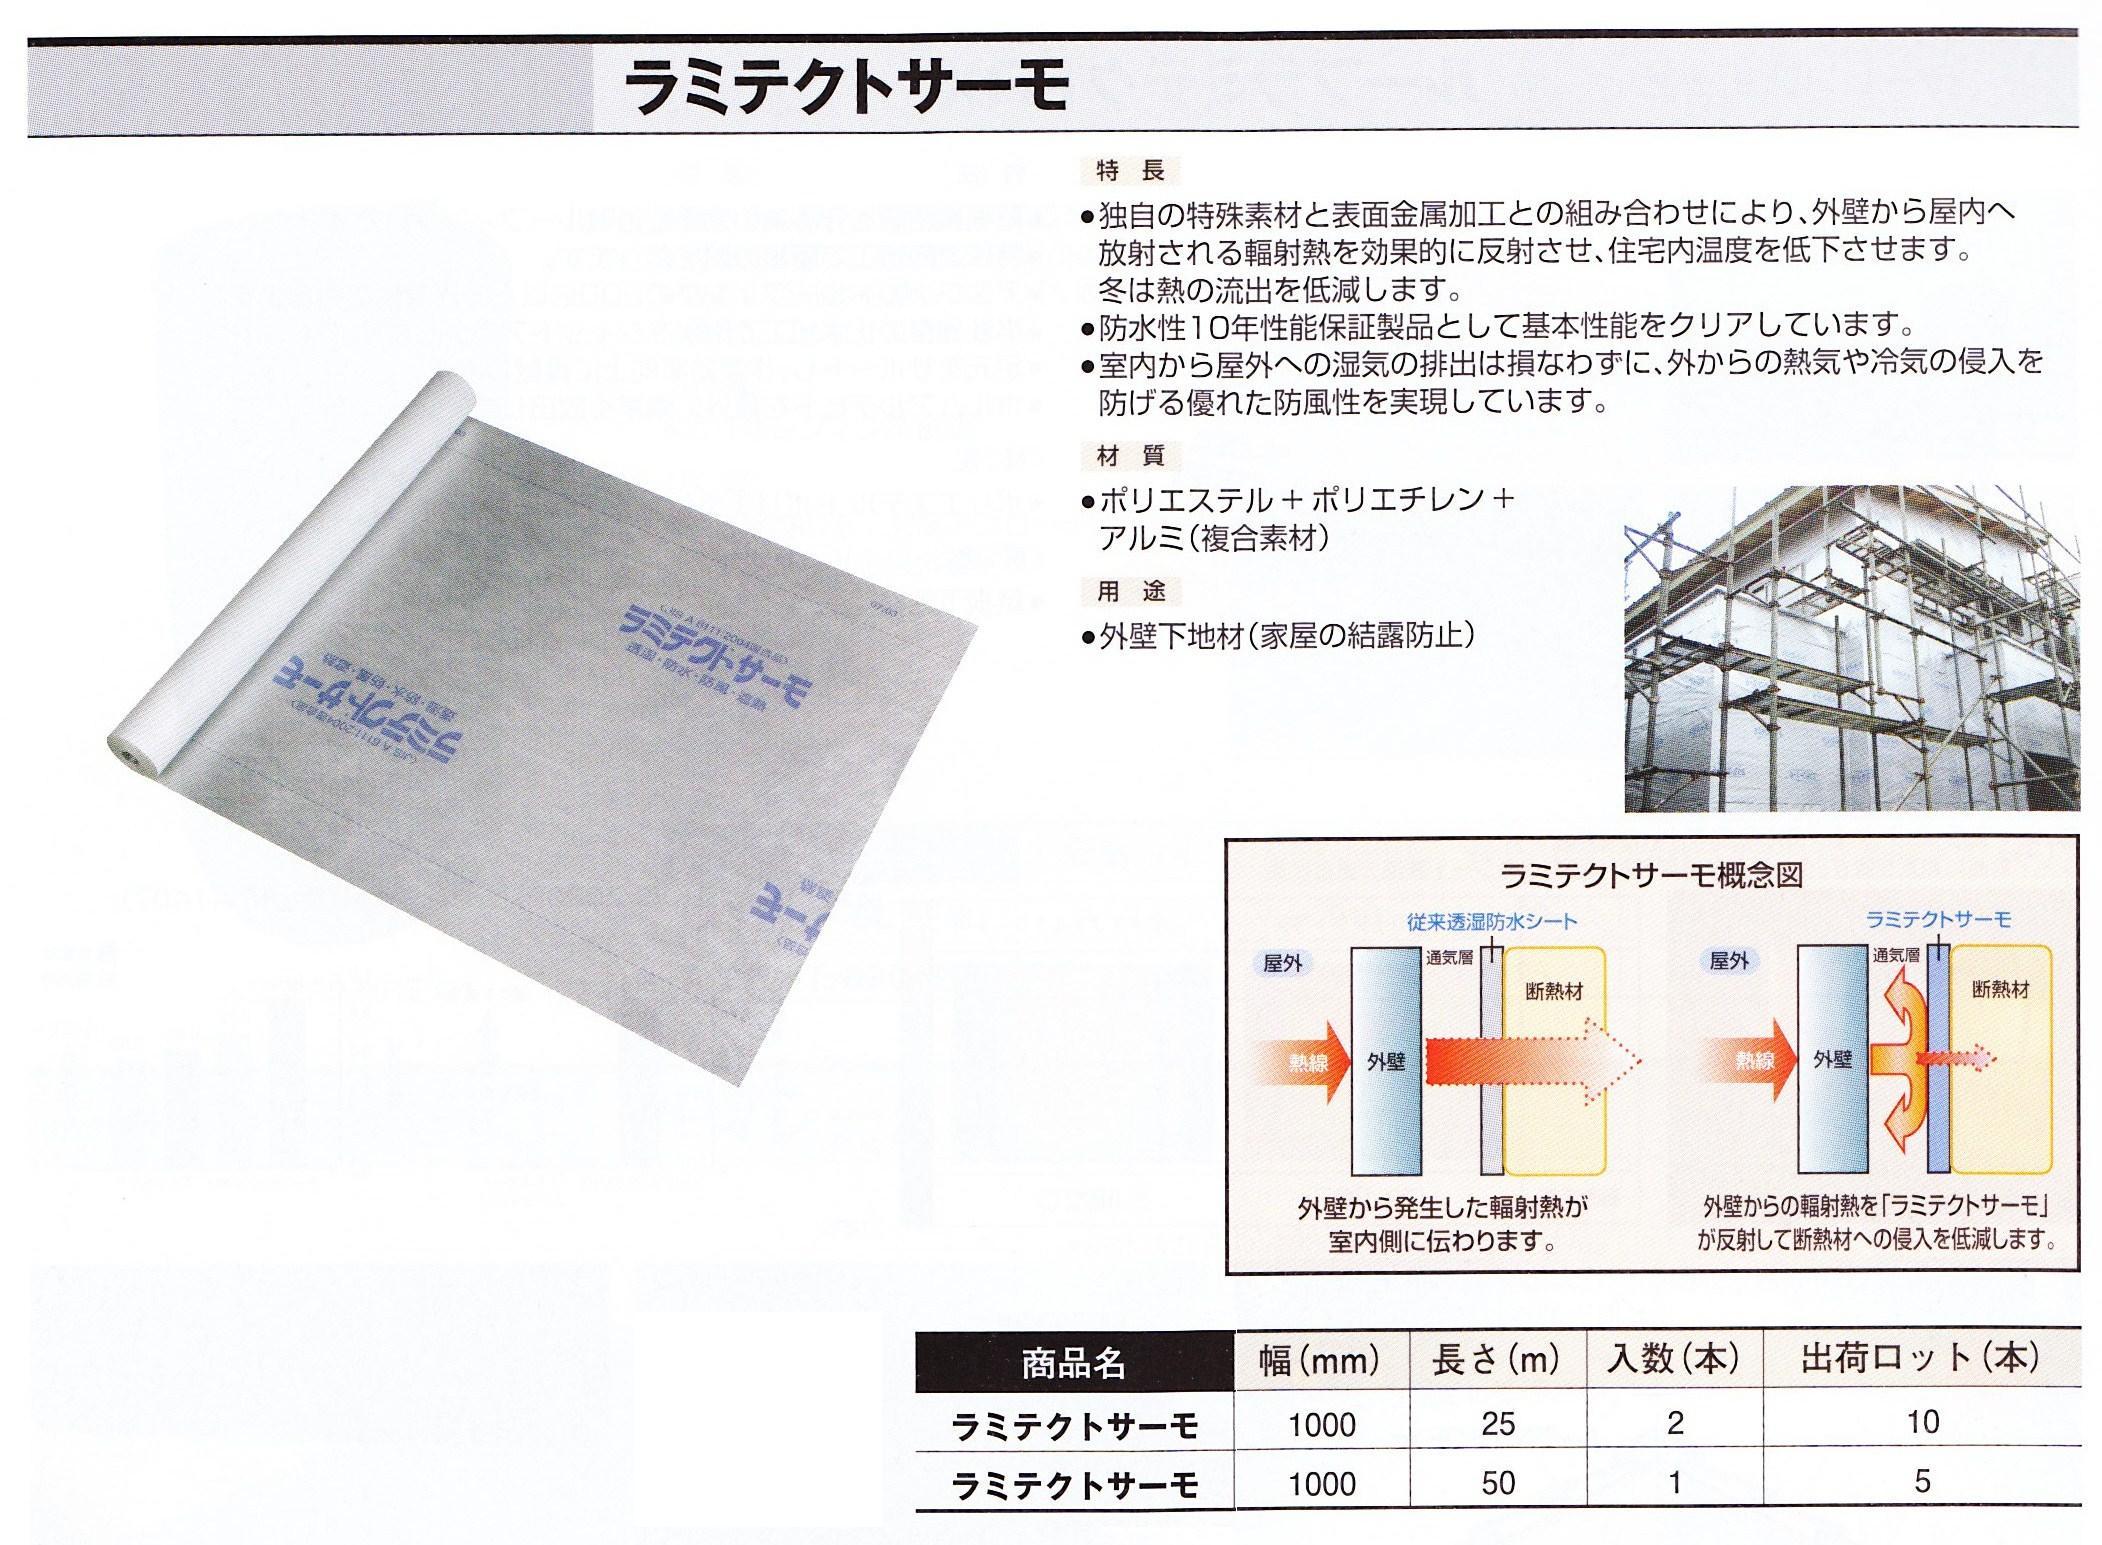 ラミテクトサーモ 送料無料!(1000mm幅×50m巻 10本/セット)